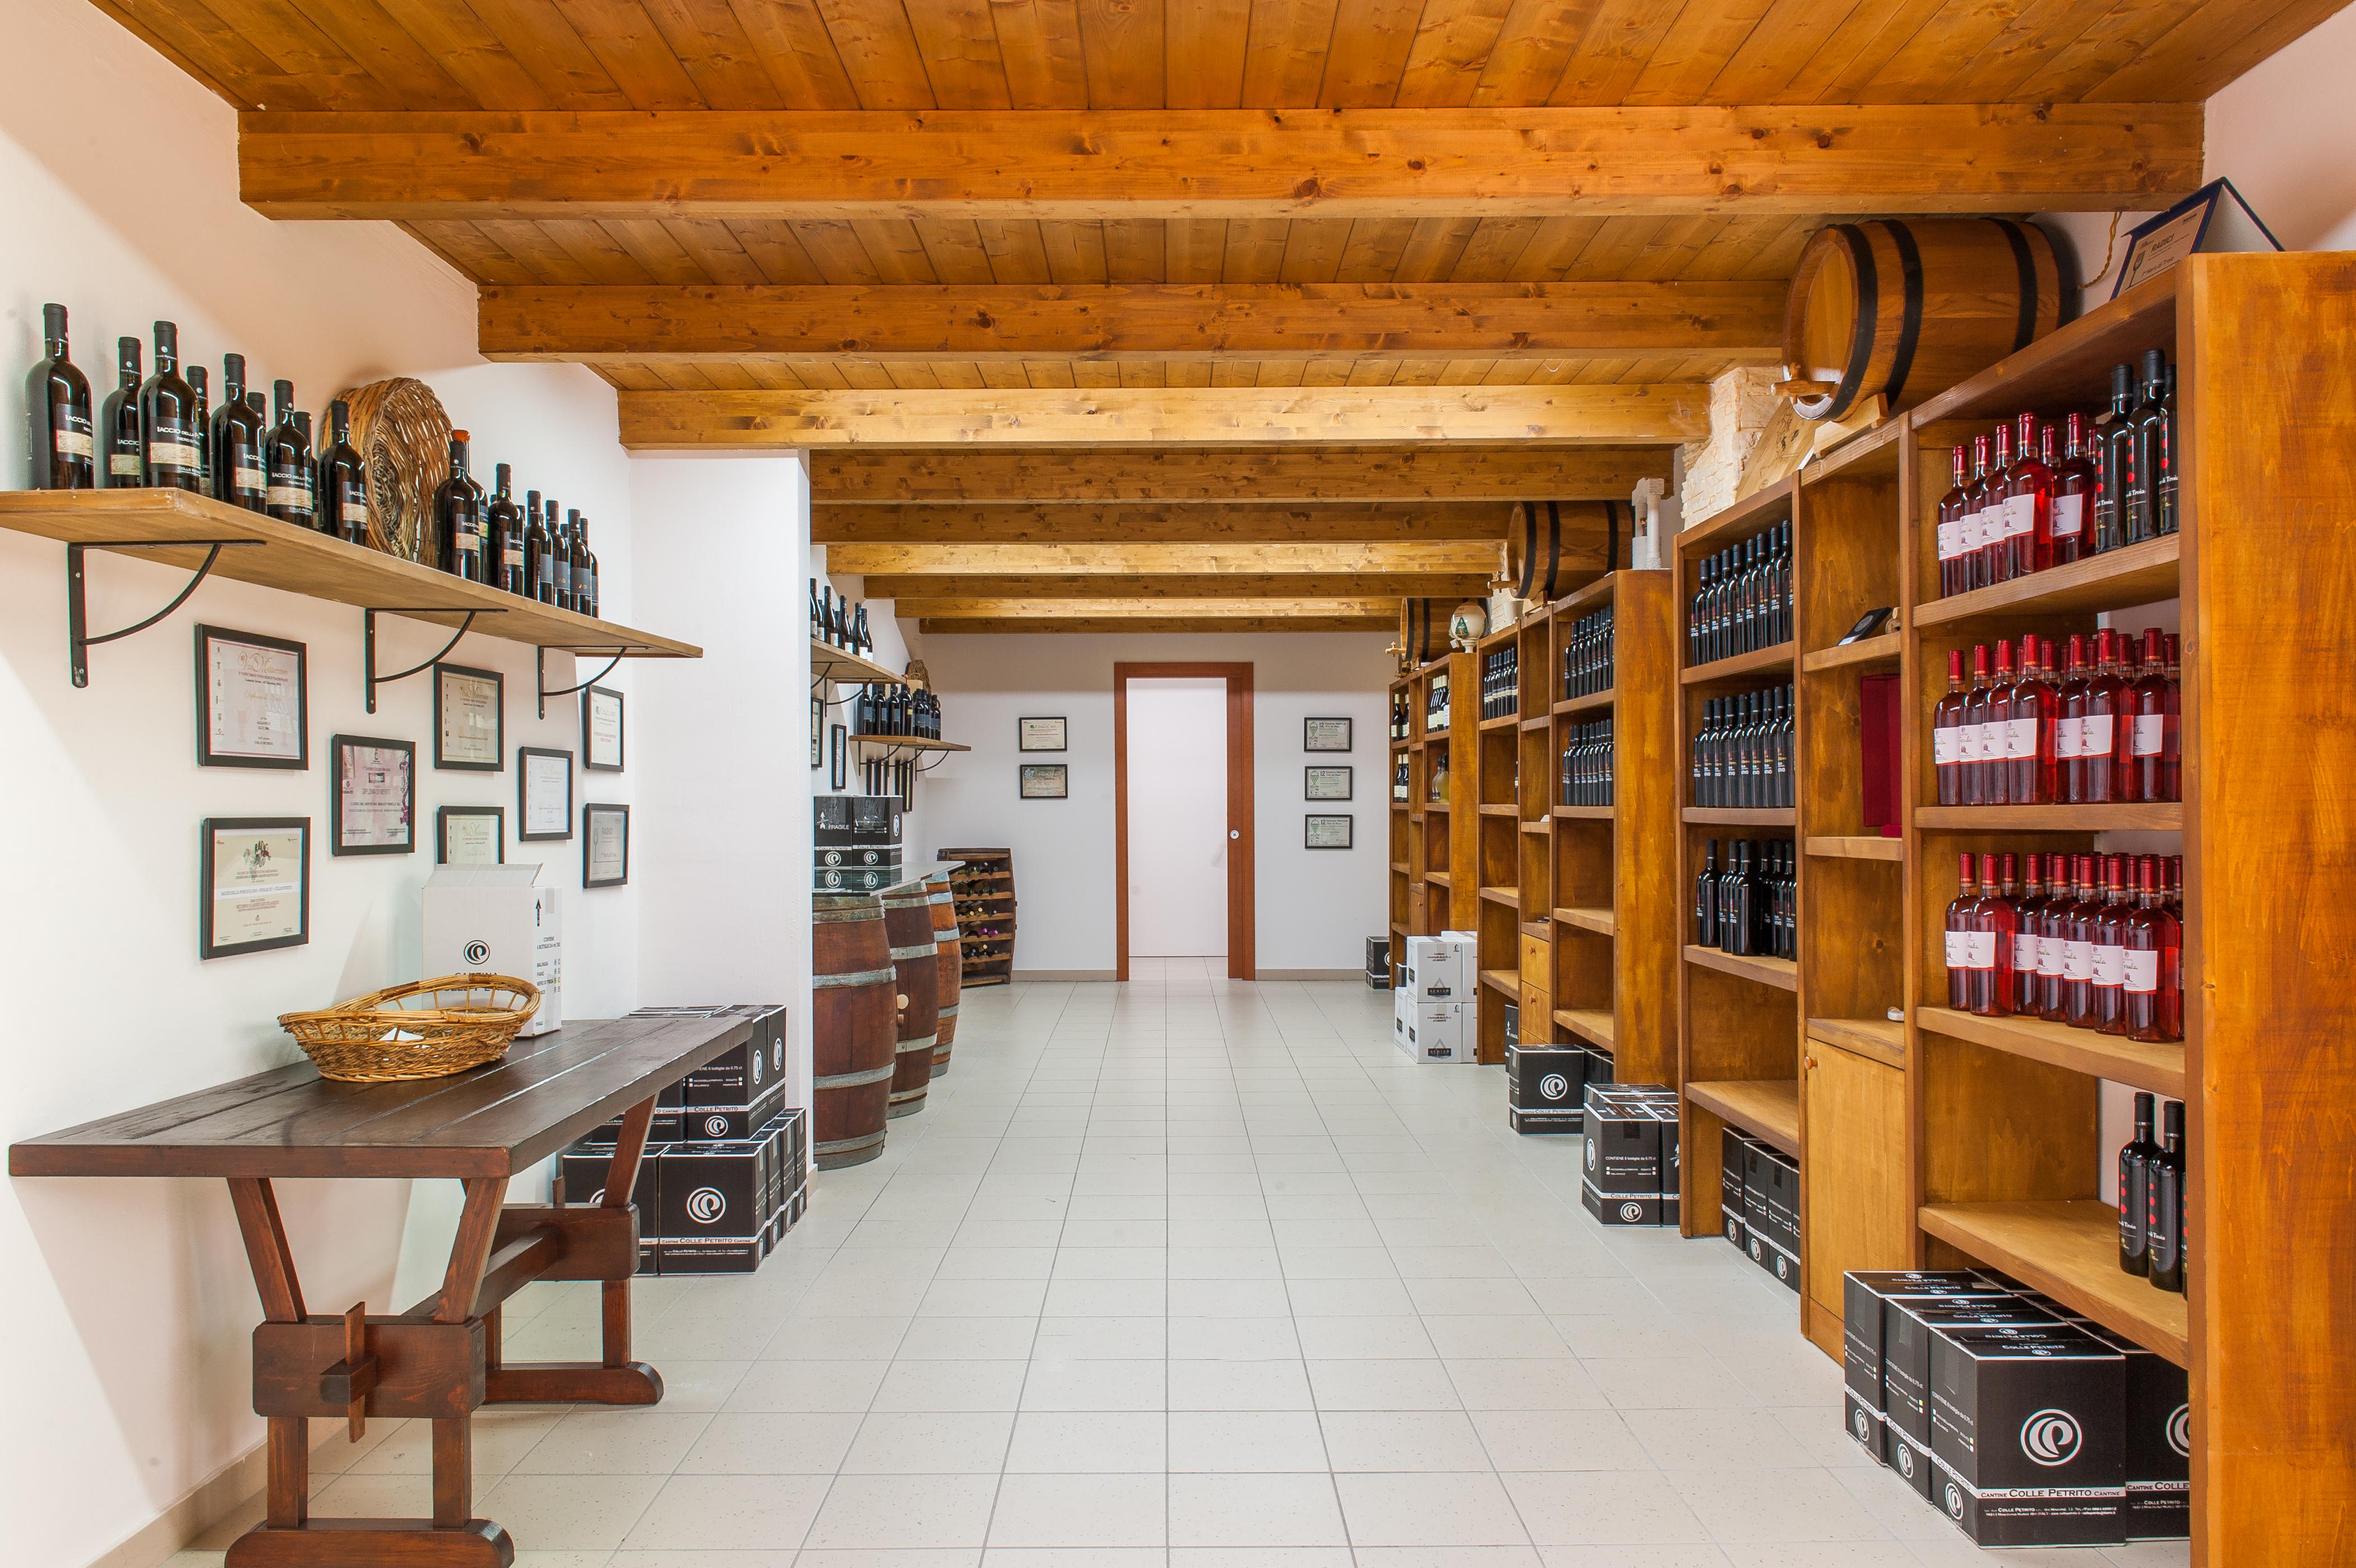 Shop Colle Petrito